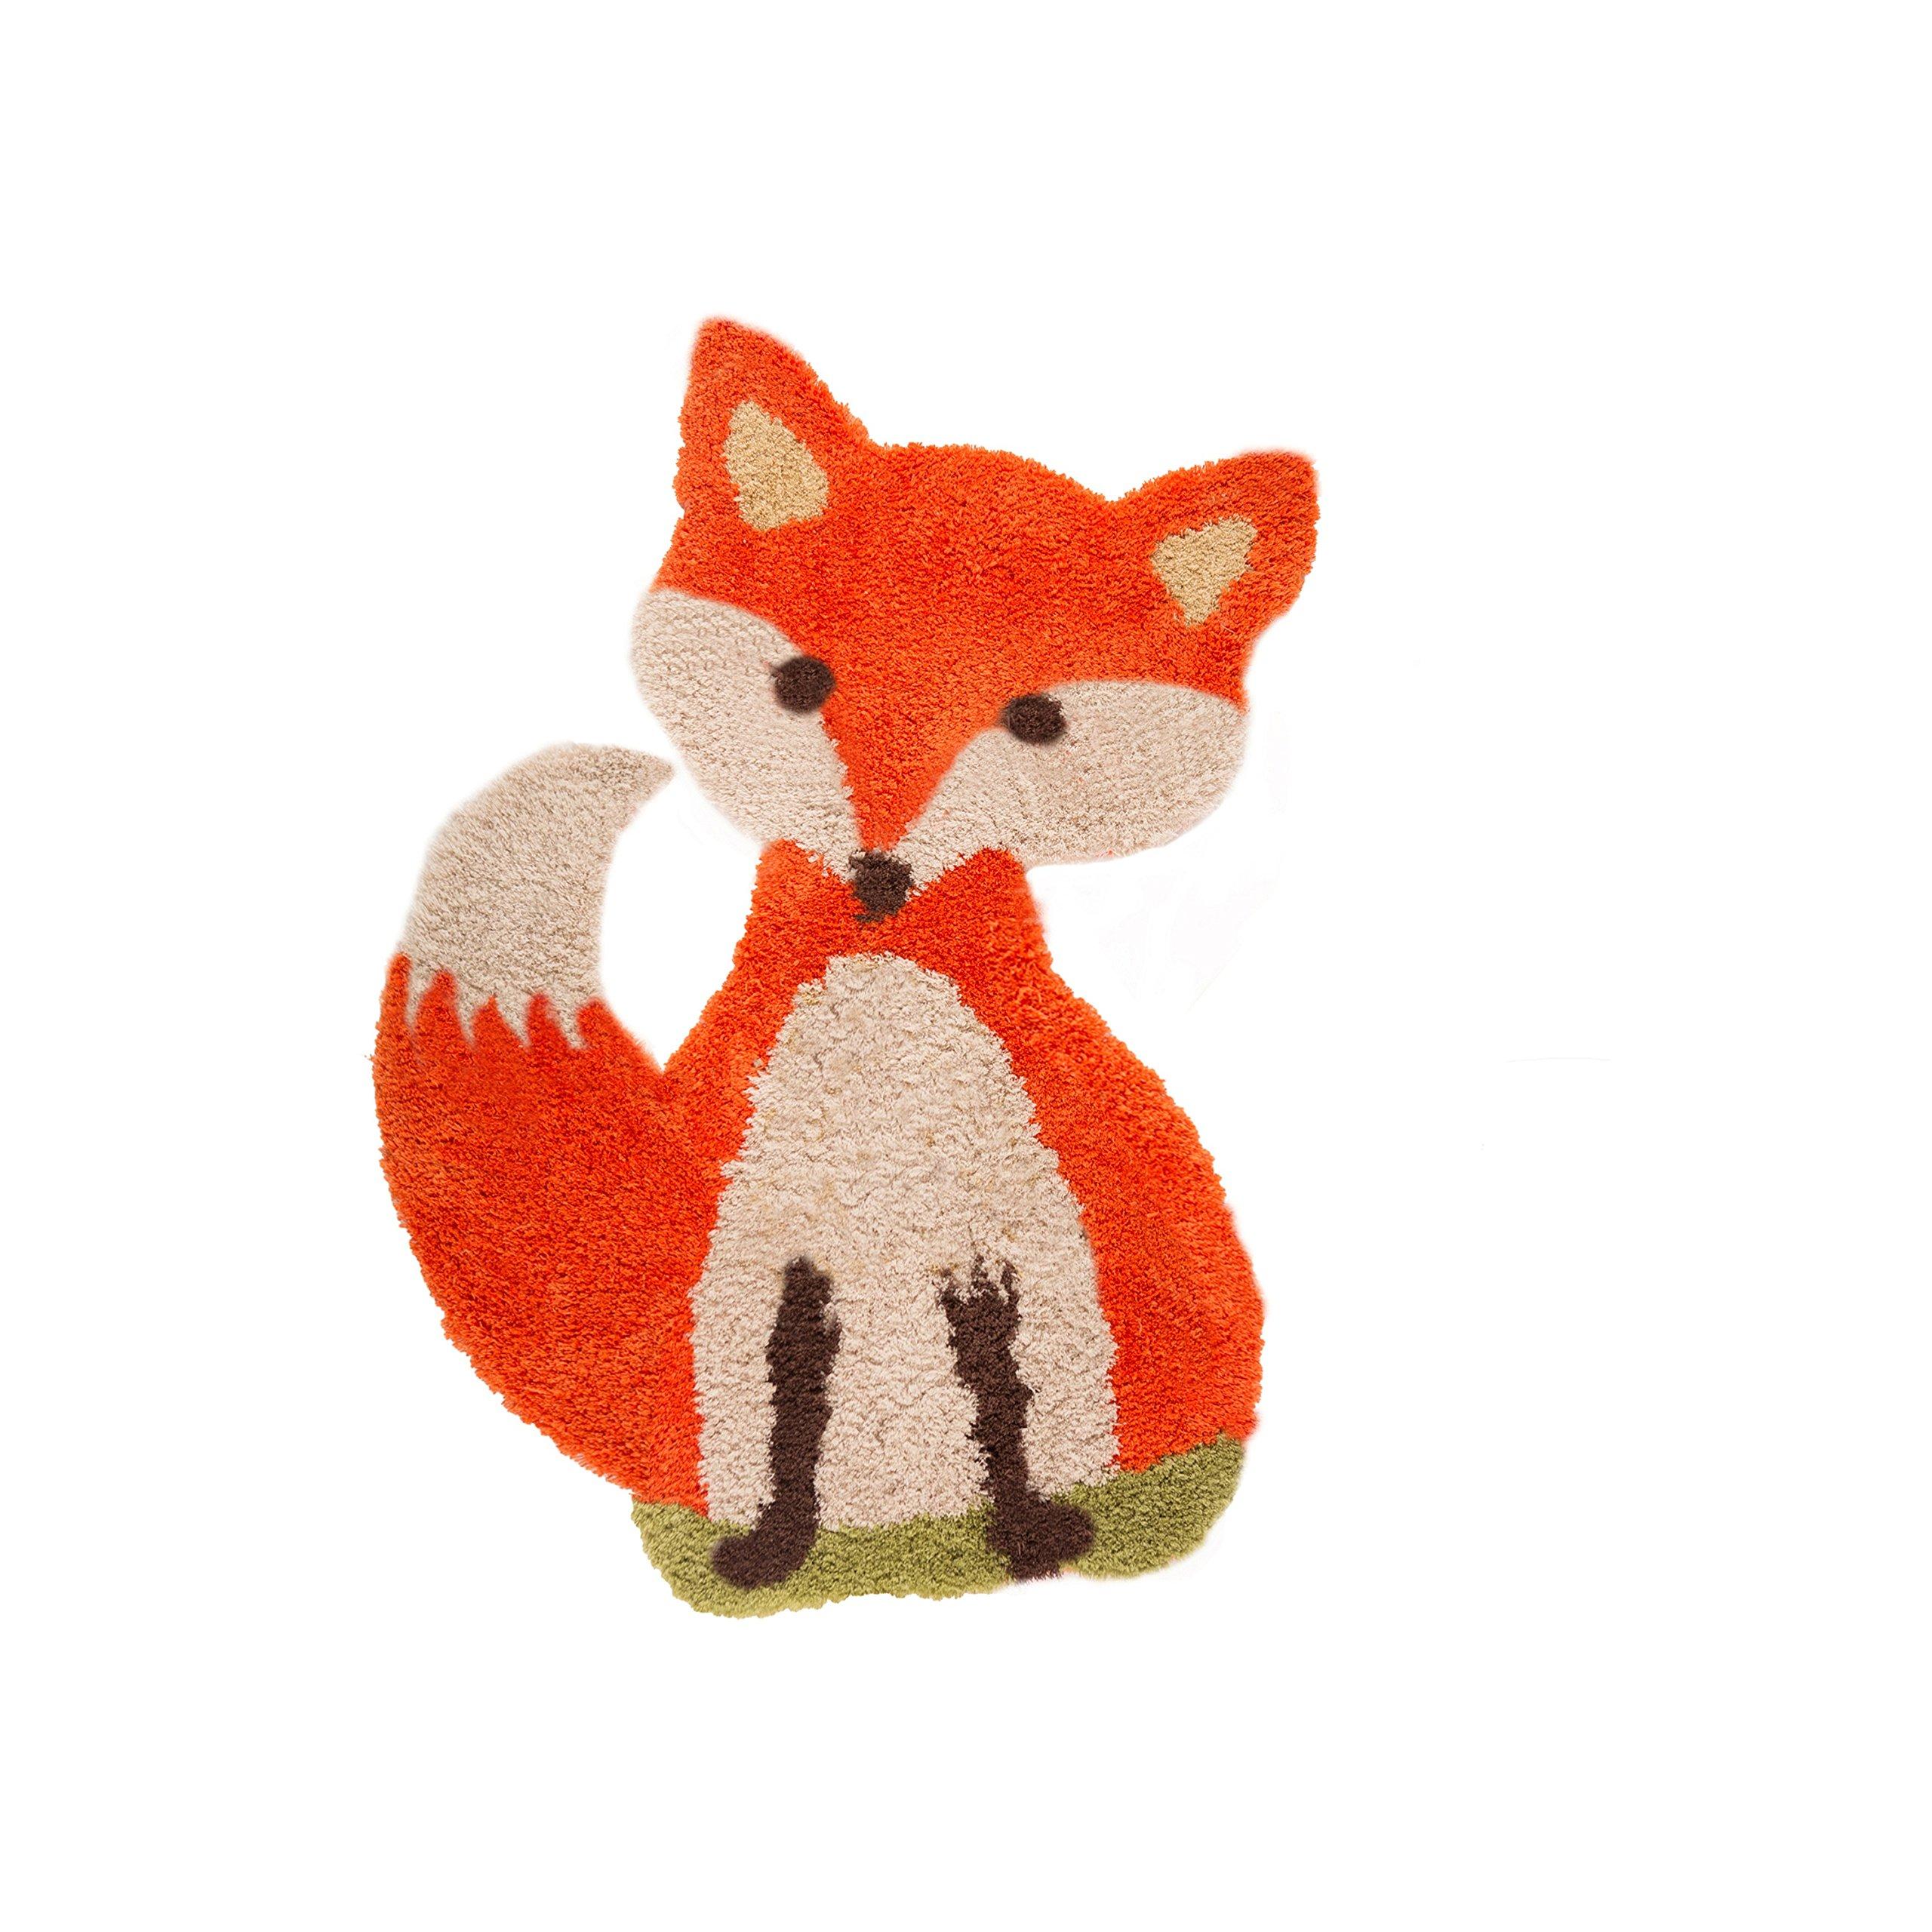 Flair Rugs Childrens/Kids Freddie Fox Floor Rug (23.5in x 35.5in) (Orange)